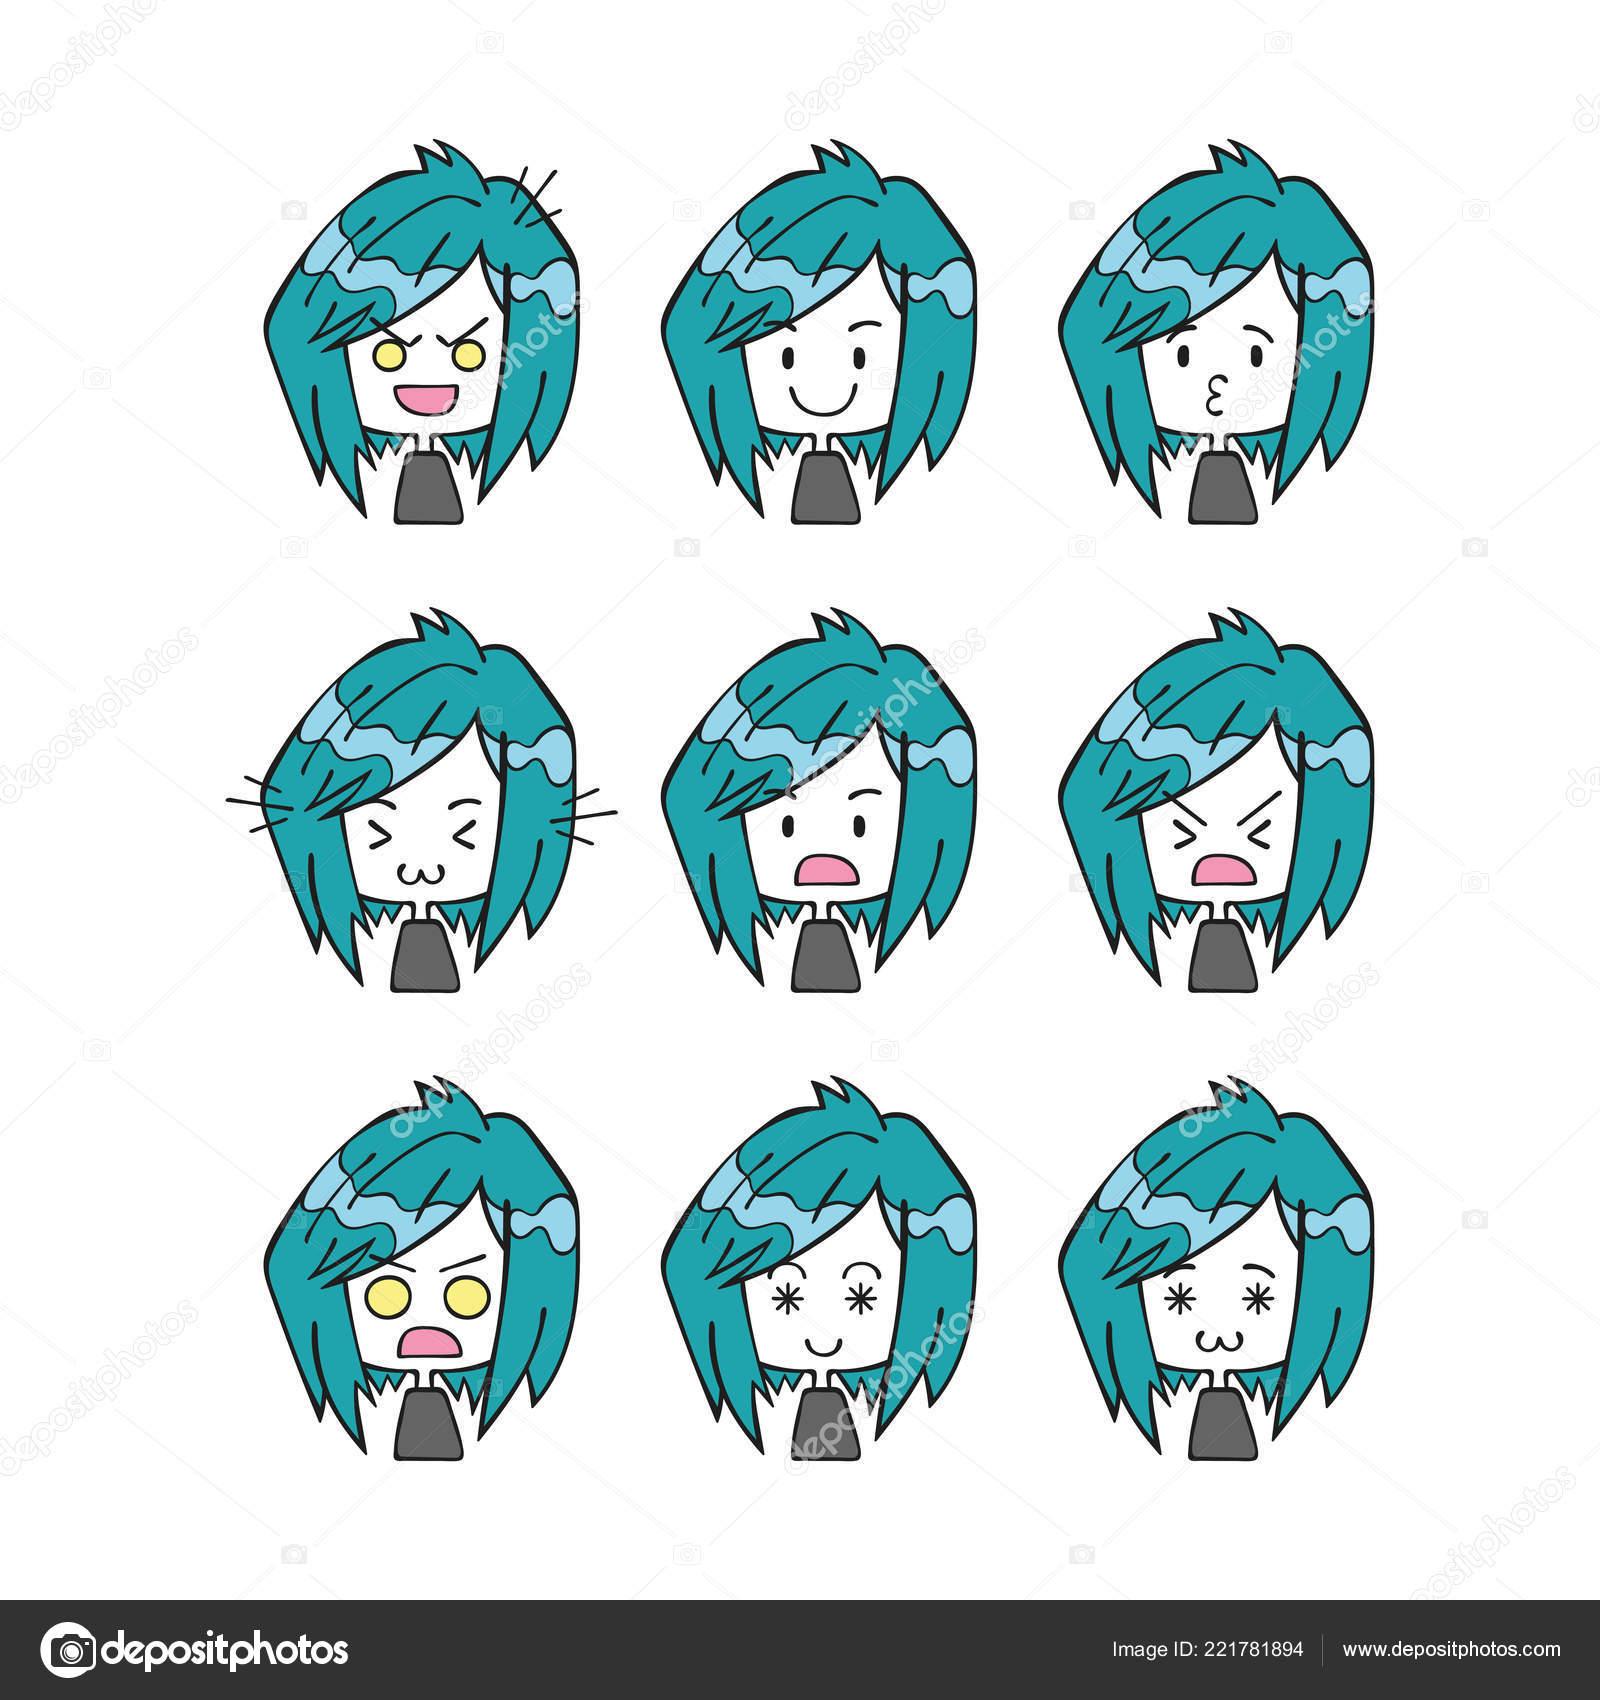 Gente Pequeña Dibujos Animados Emociones Smileys Objetos Vectores